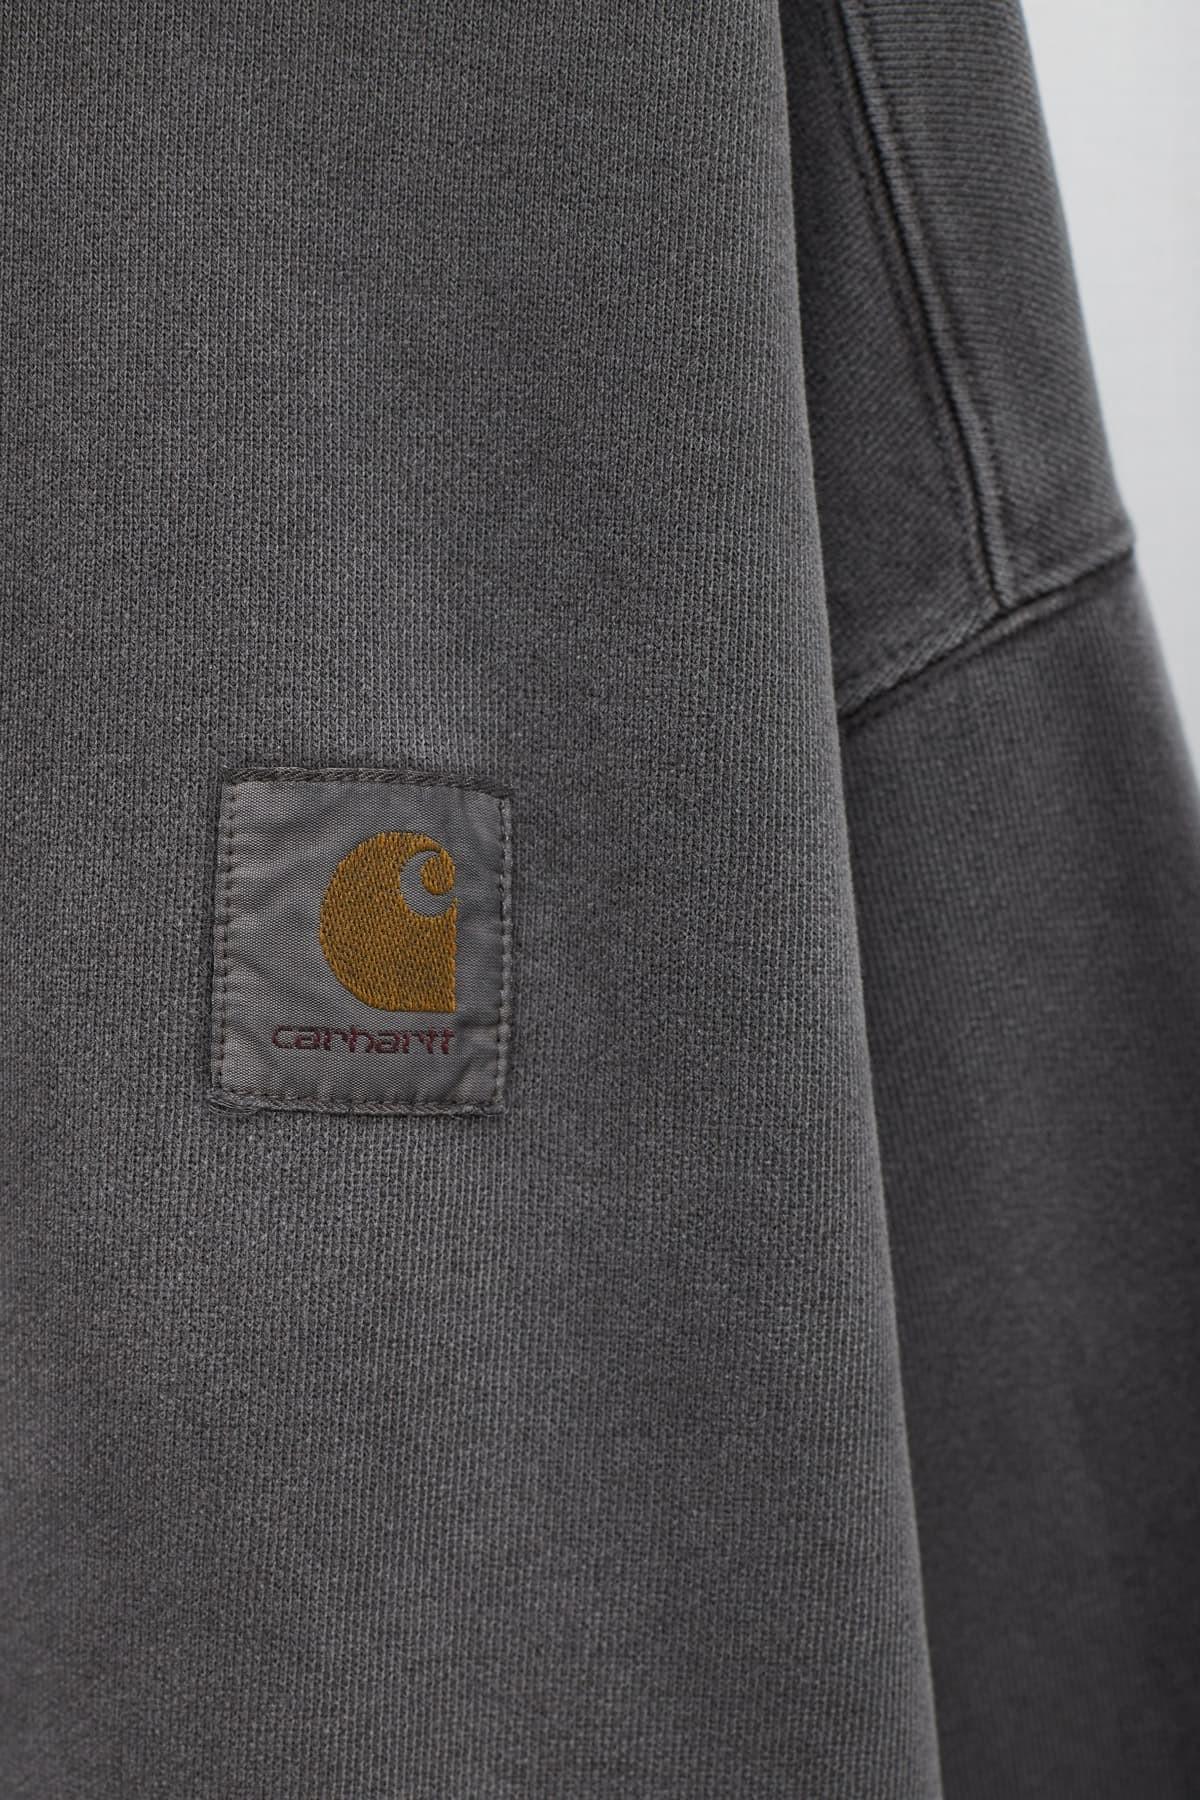 Comprar Comme Des Garcons Navy S28149 Trouser